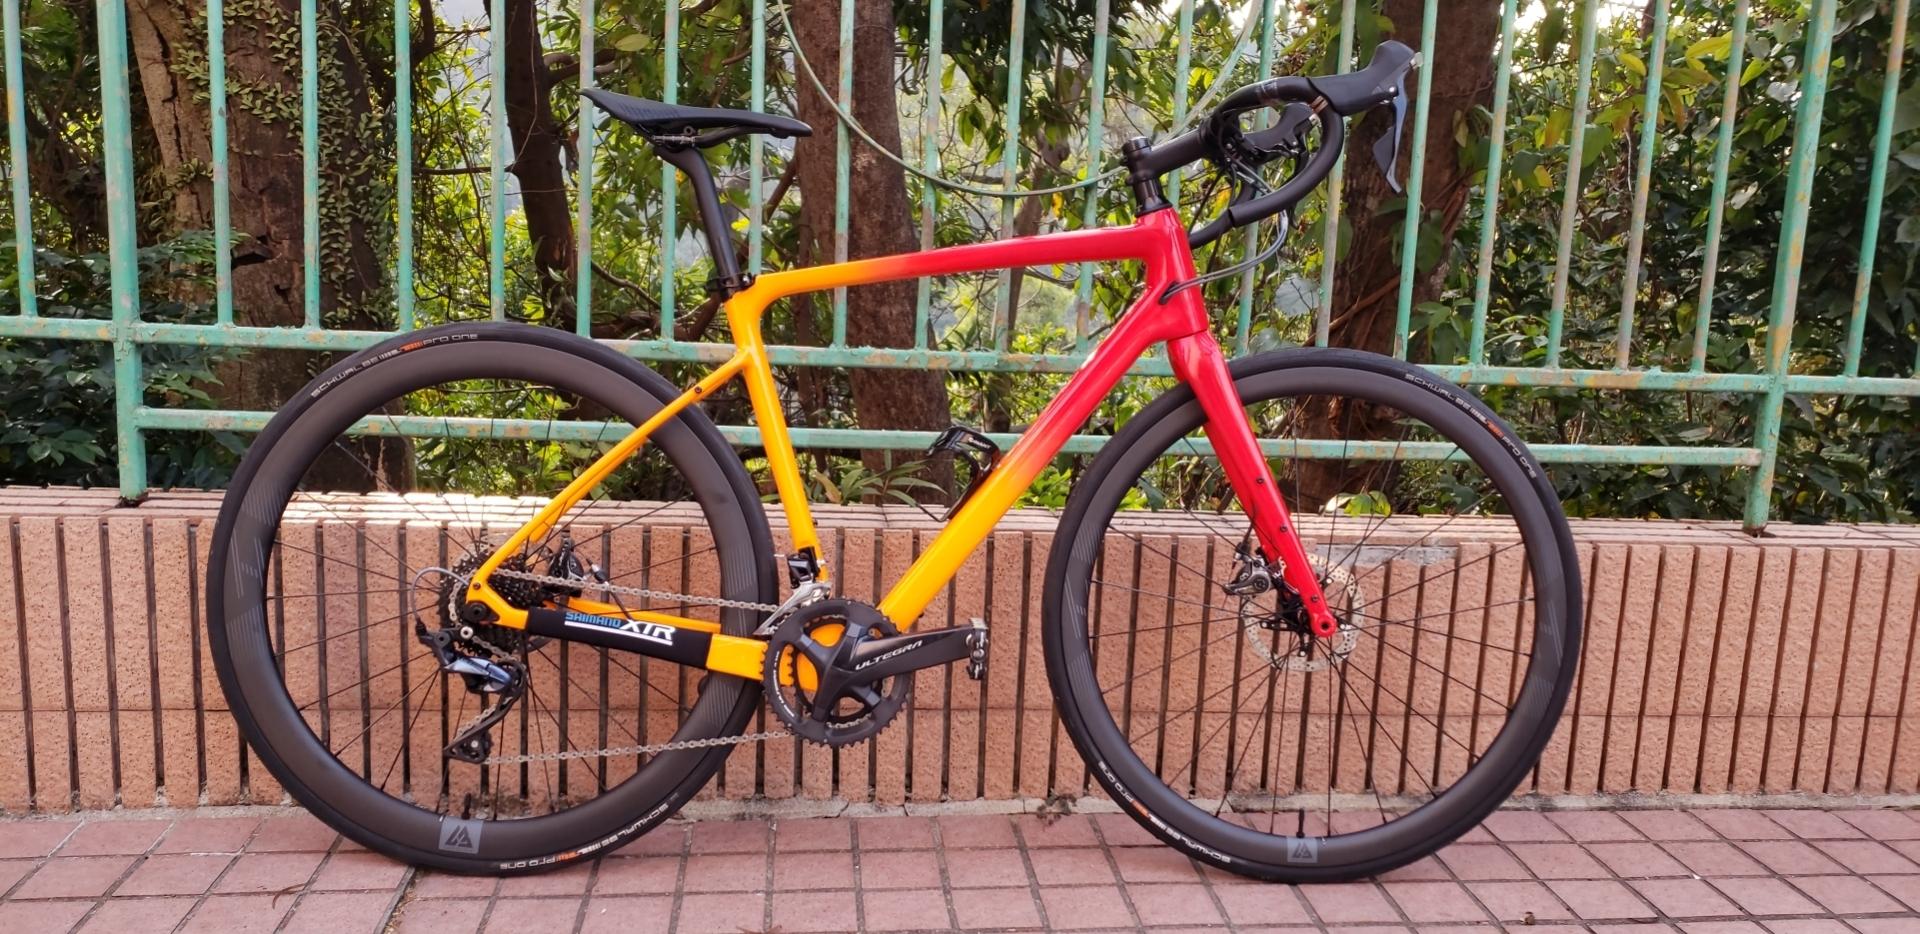 700c-carbon-fiber-lb-45mm-deep-rims-shimano-ultegra-crankset-carbonda-road-bike